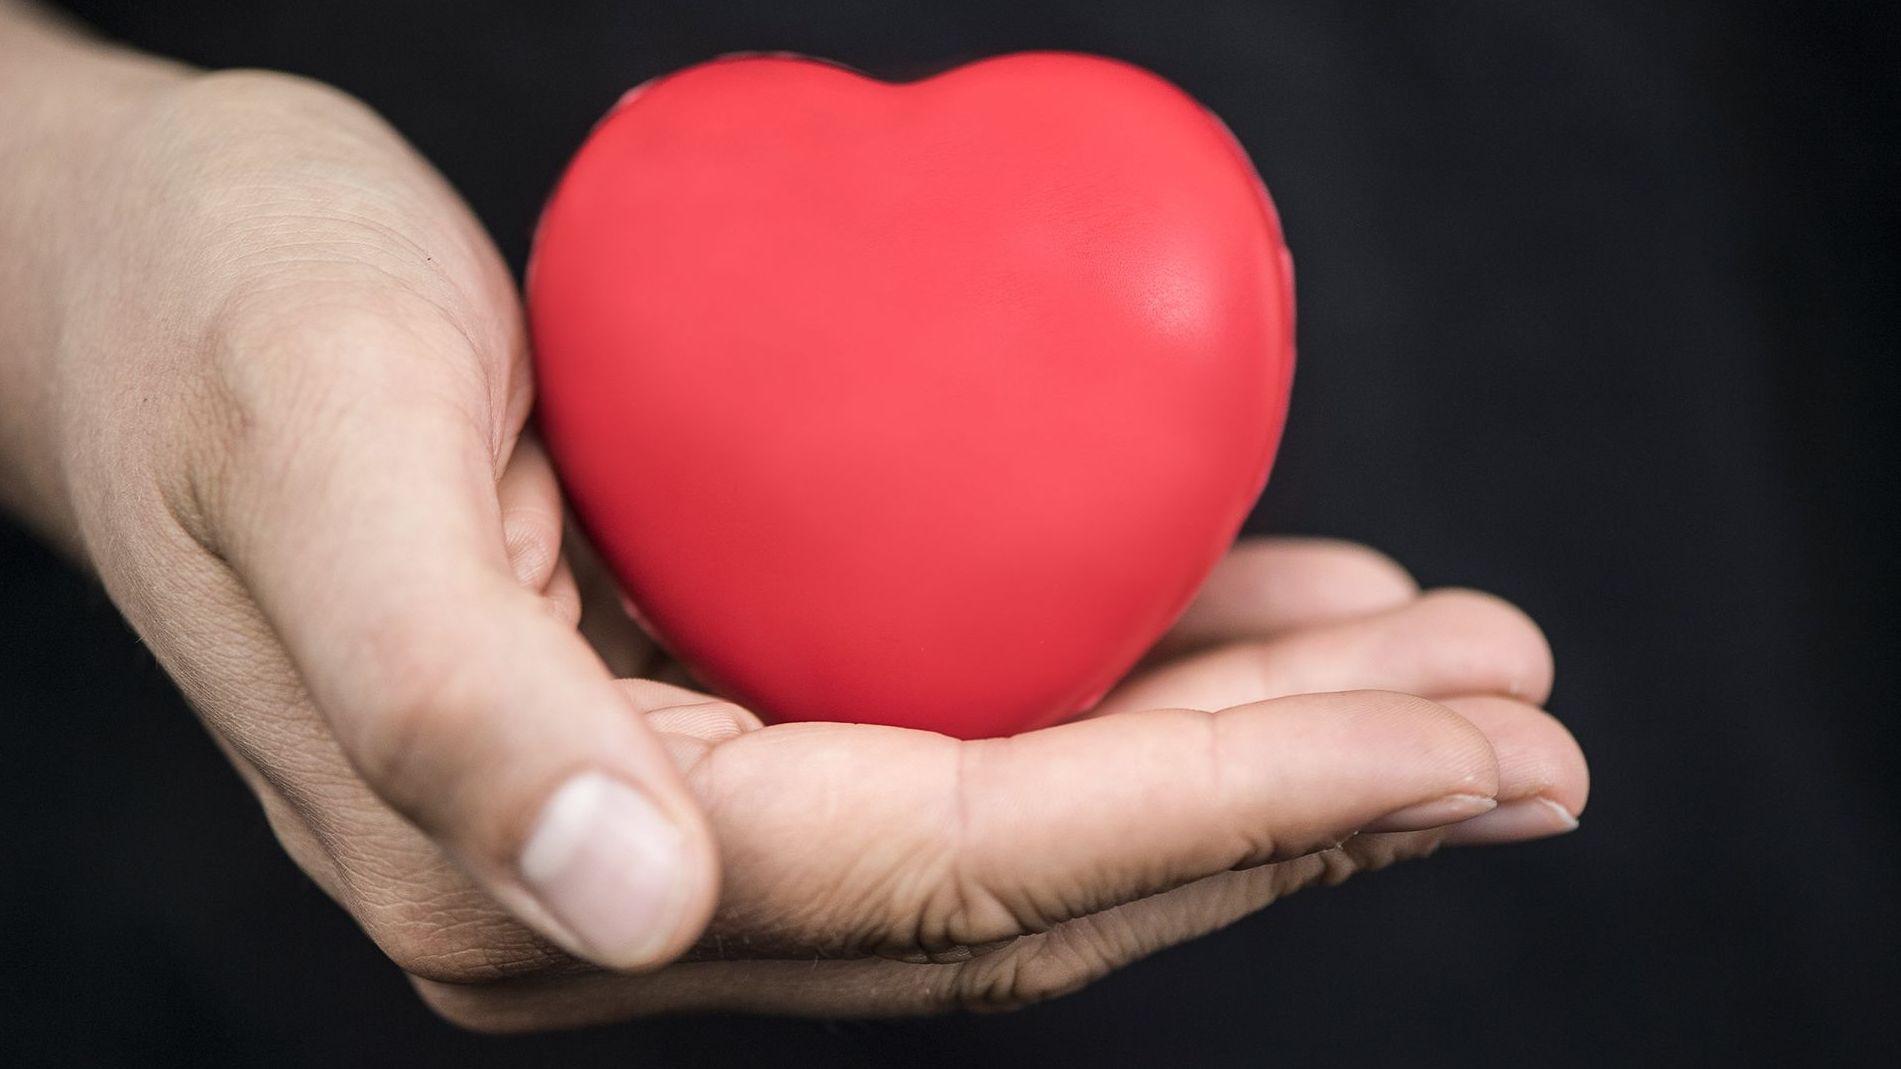 Eine Hand hält ein rotes Herz